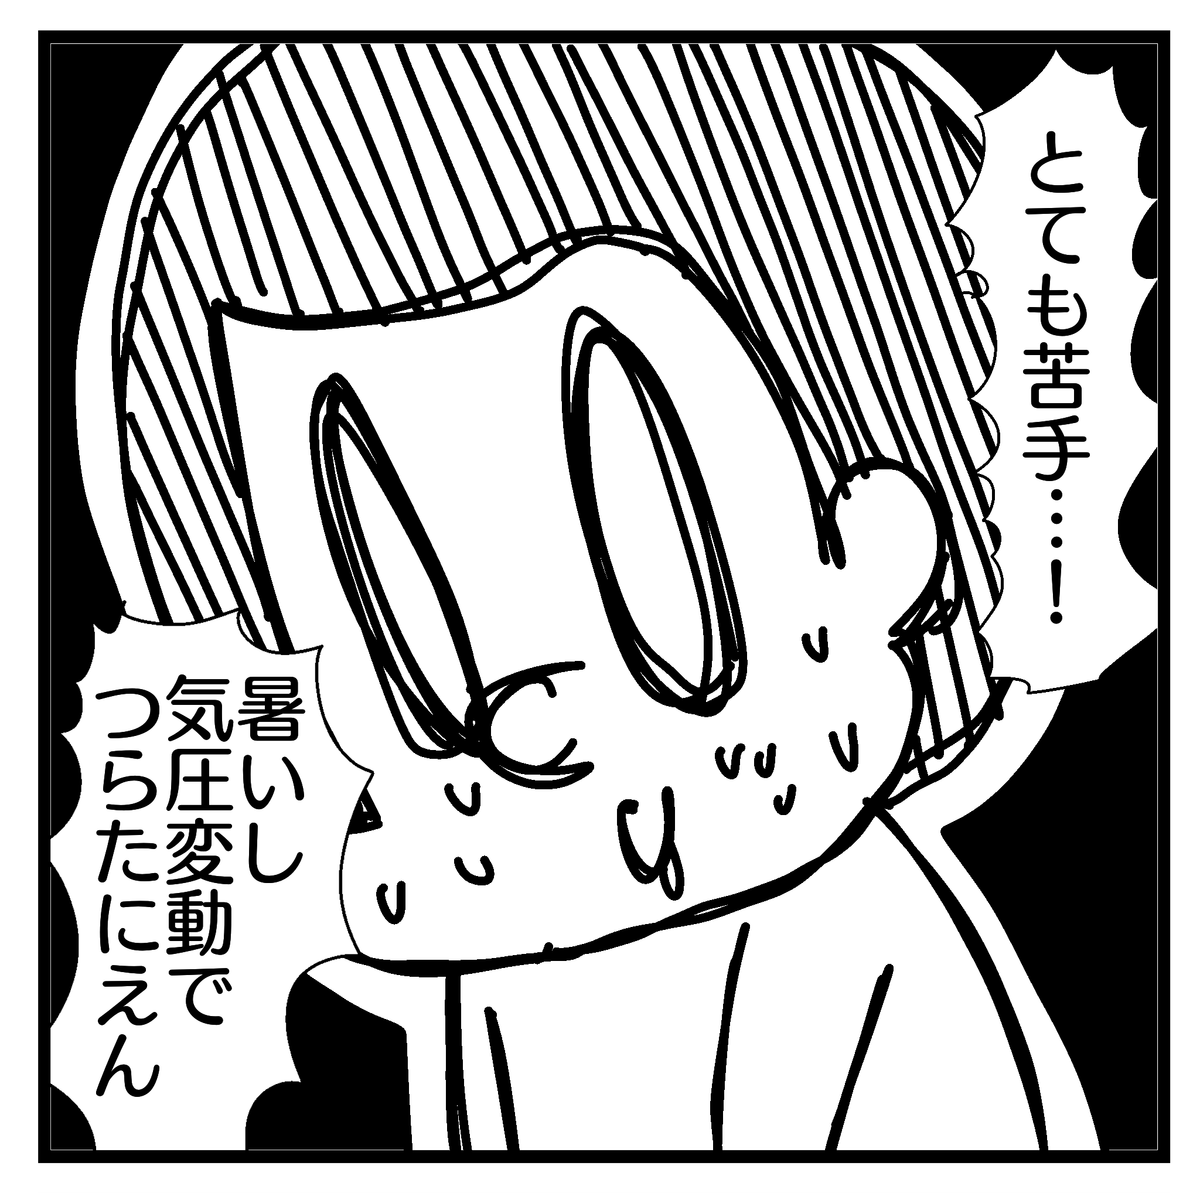 f:id:YuruFuwaTa:20200703112014p:plain